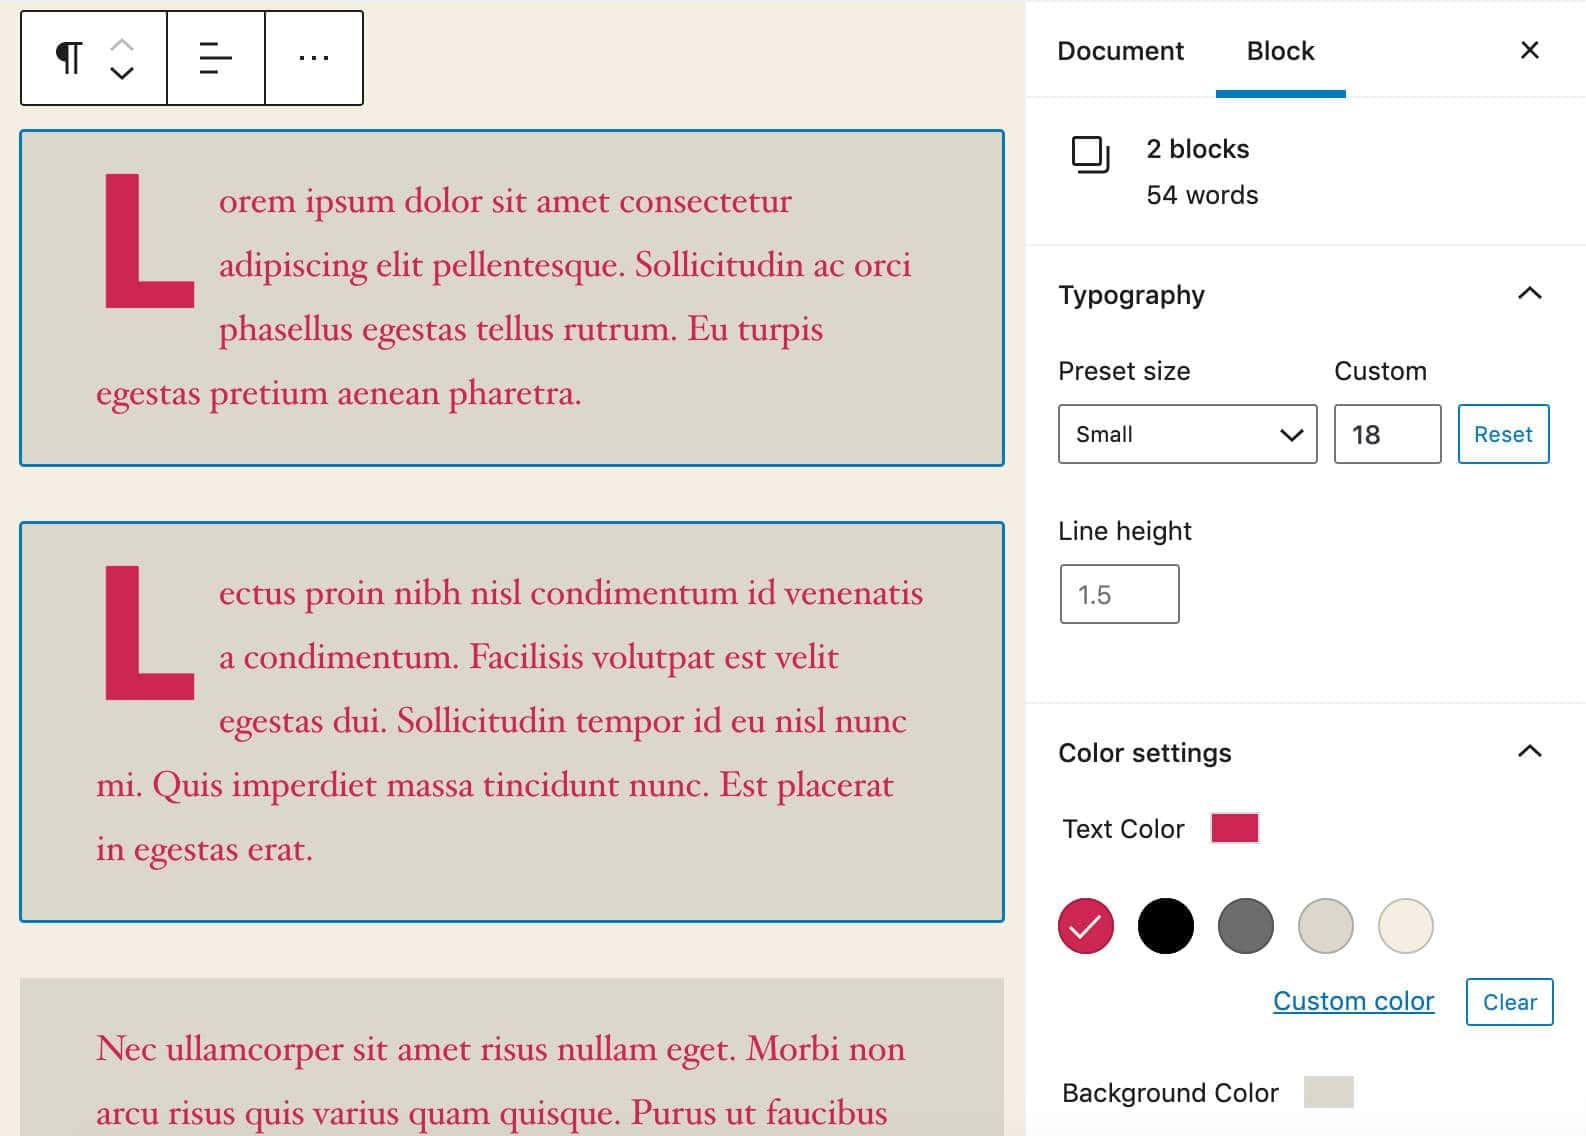 Formatação de múltiplos blocos no WordPress 5.5